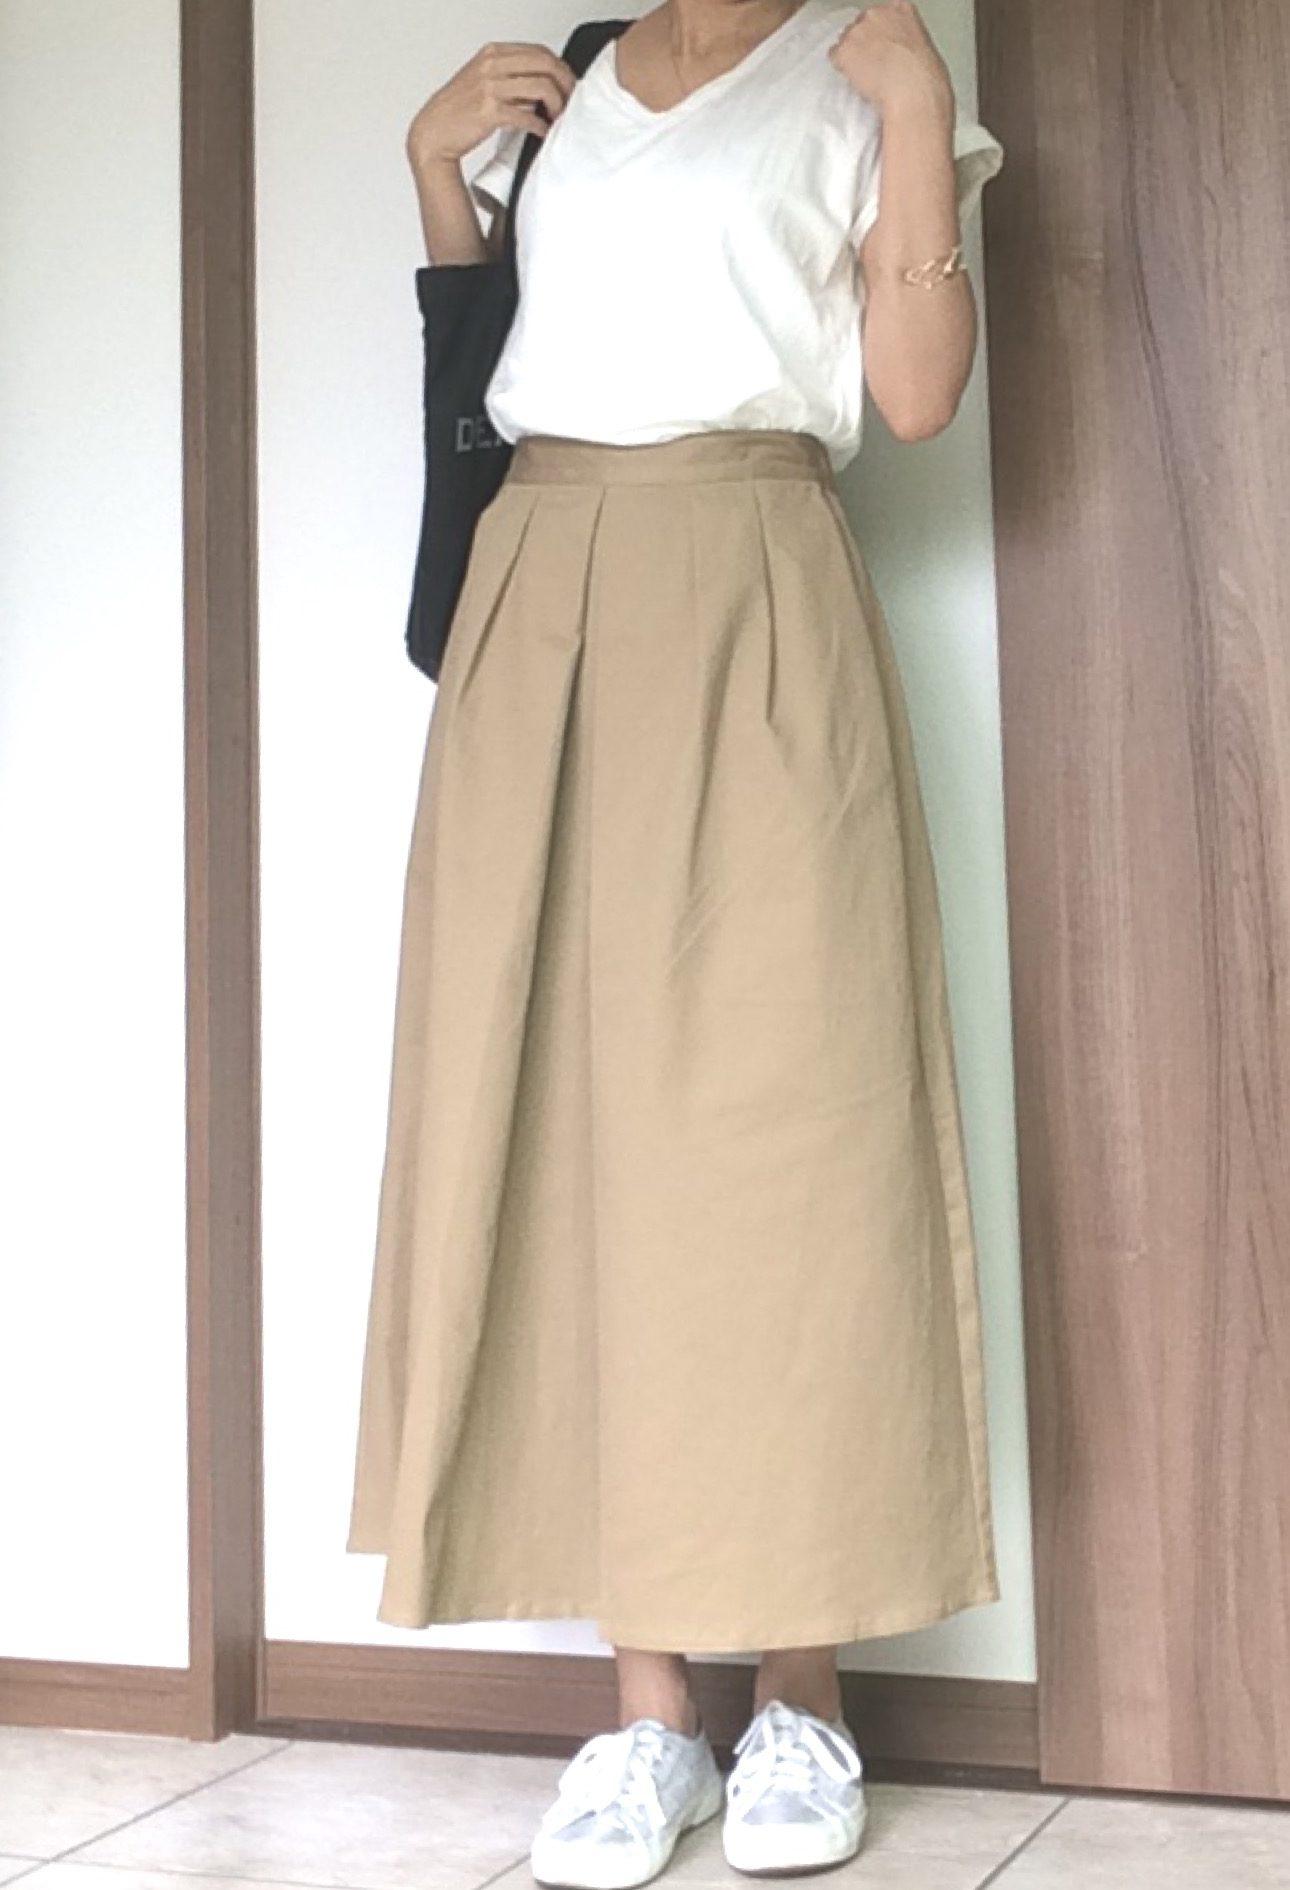 下半身ぽっちゃり体型だとフレアスカートは腰まわ …